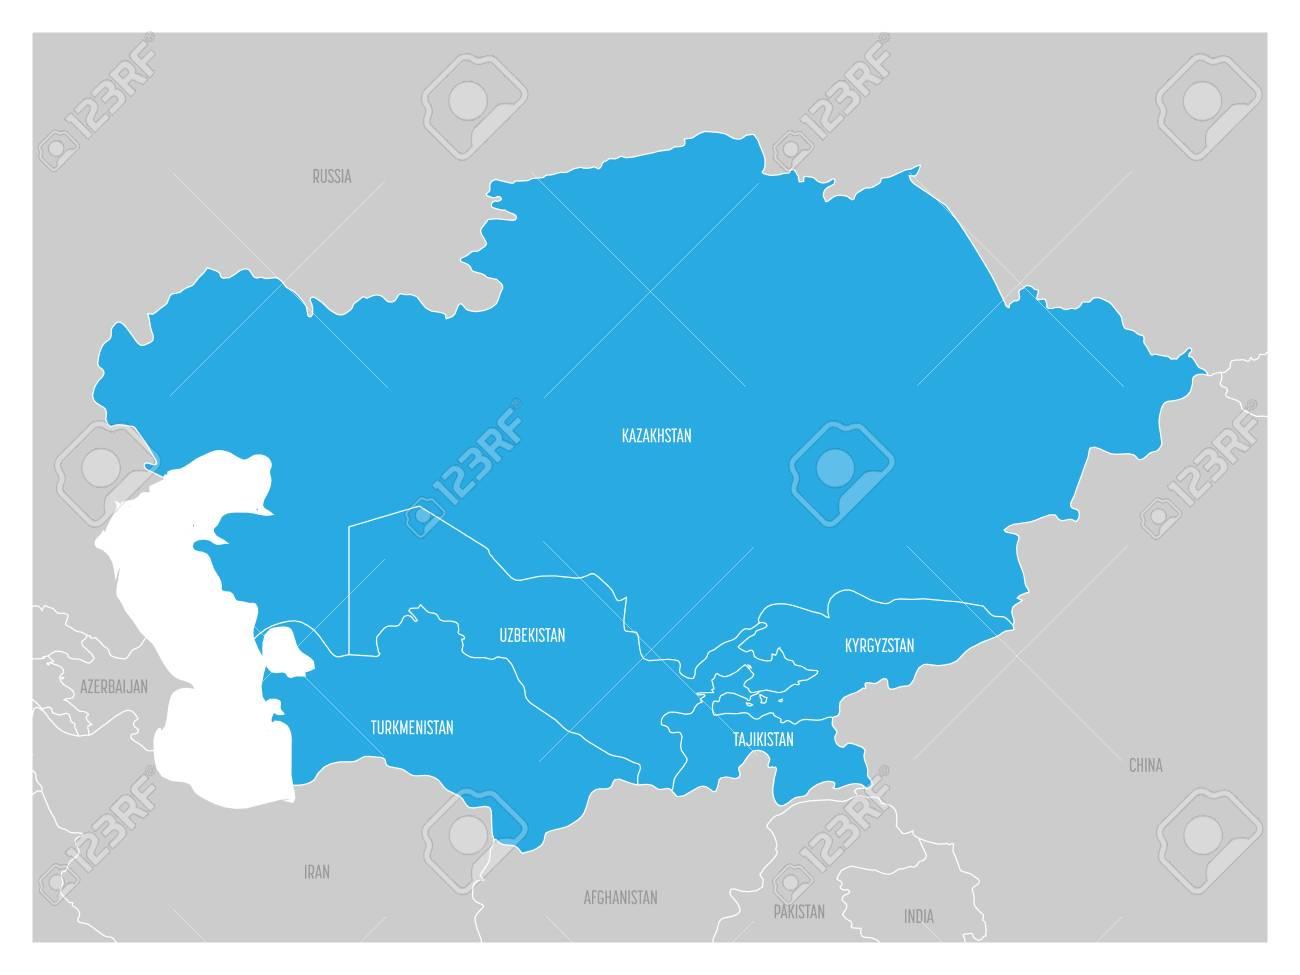 Carte Region Asie.Carte De La Region De L Asie Centrale Avec Le Bleu En Surbrillance Du Kazakhstan Du Kirghizistan Du Tadjikistan Du Turkmenistan Et De